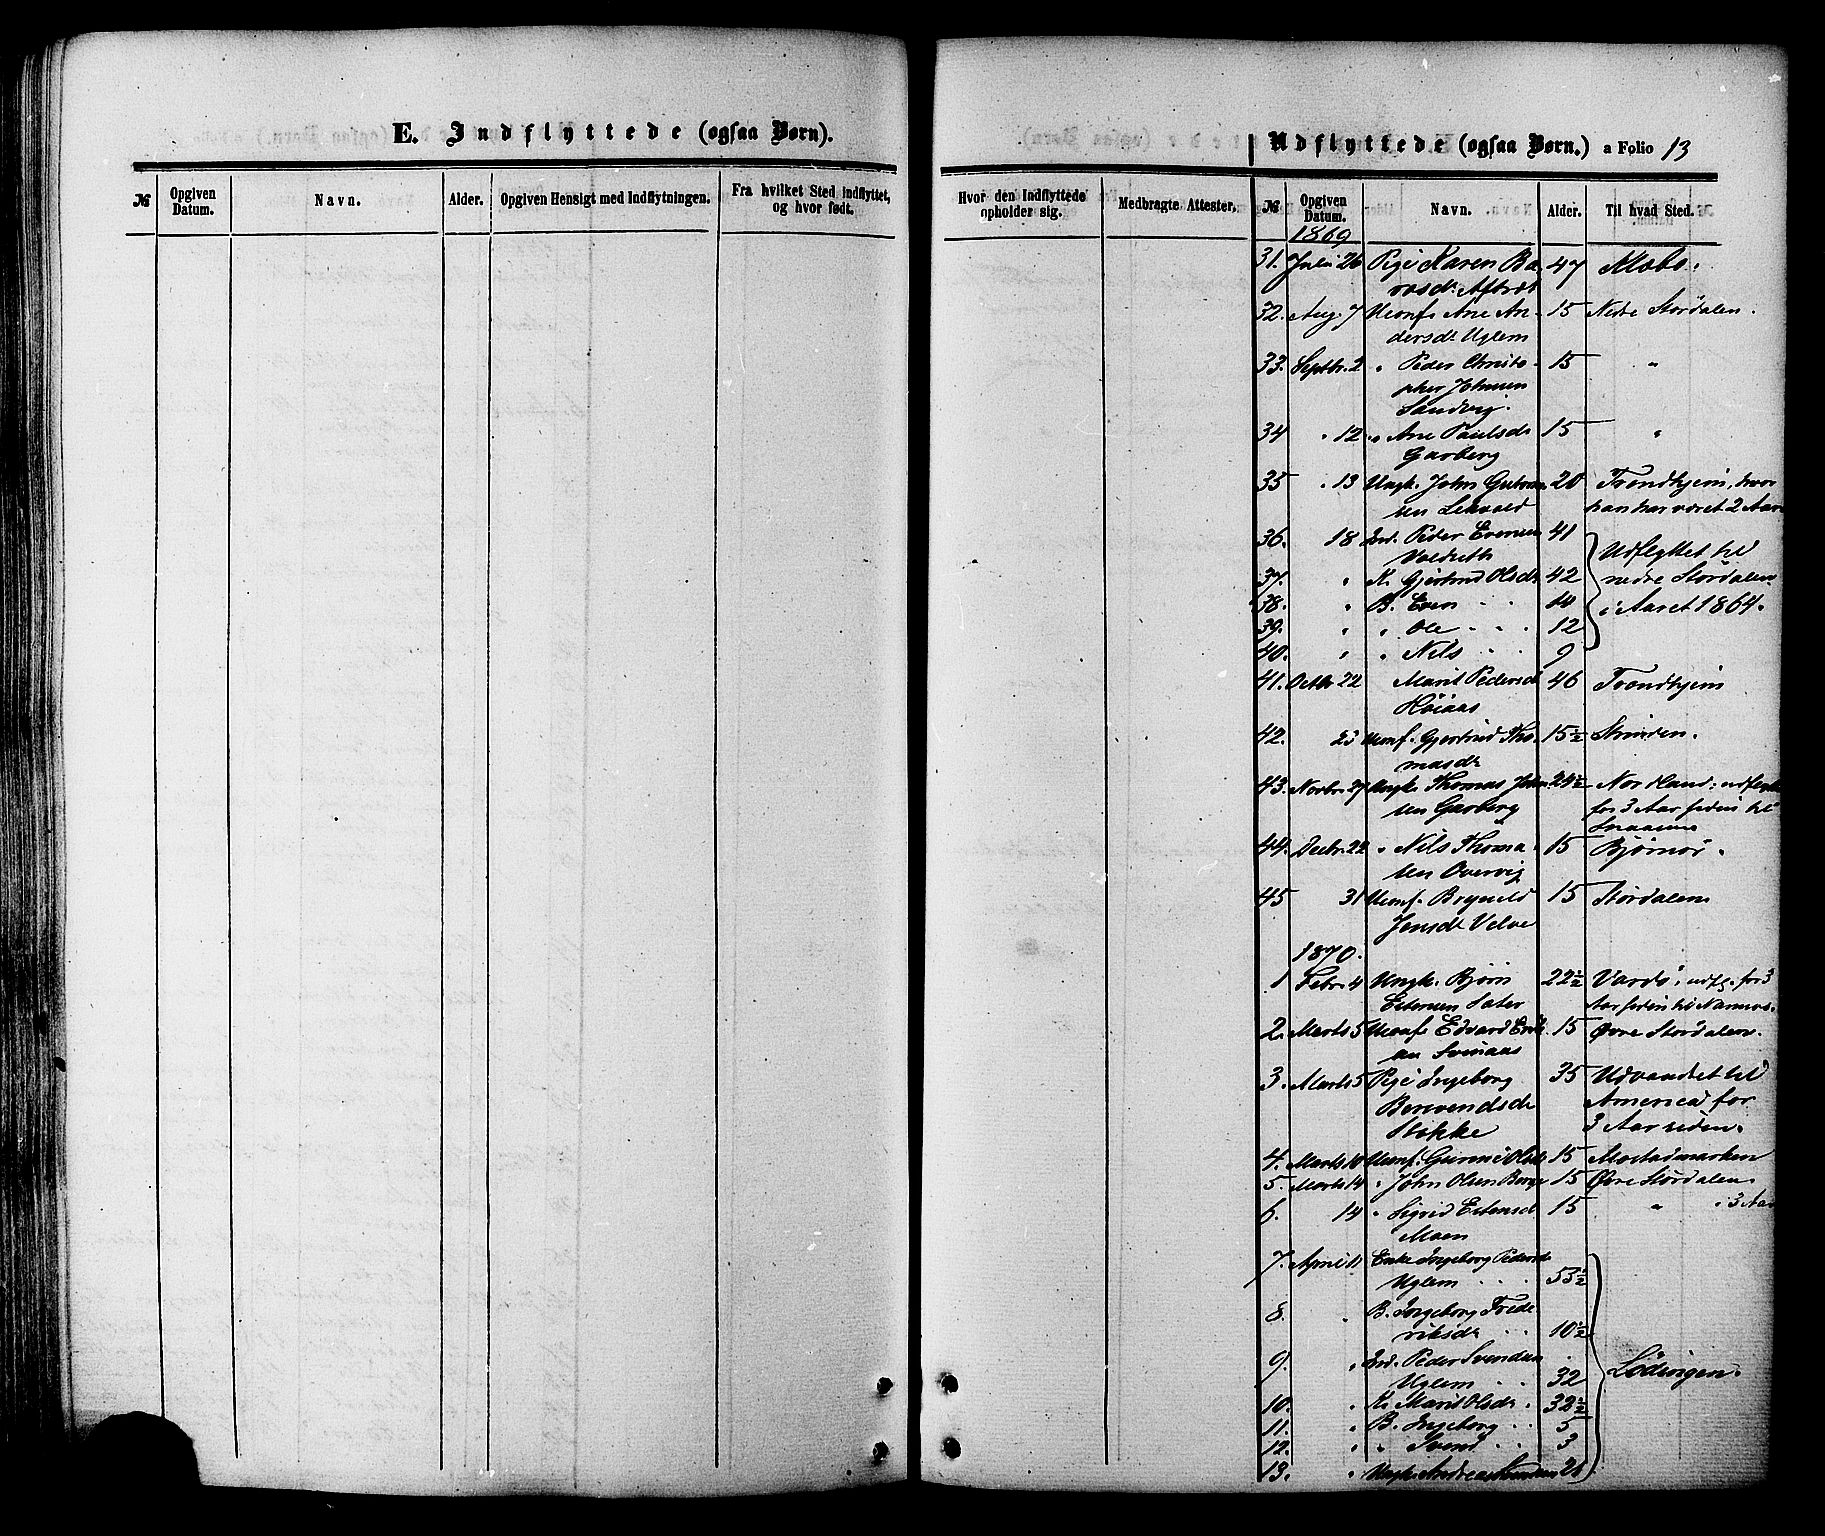 SAT, Ministerialprotokoller, klokkerbøker og fødselsregistre - Sør-Trøndelag, 695/L1147: Ministerialbok nr. 695A07, 1860-1877, s. 13